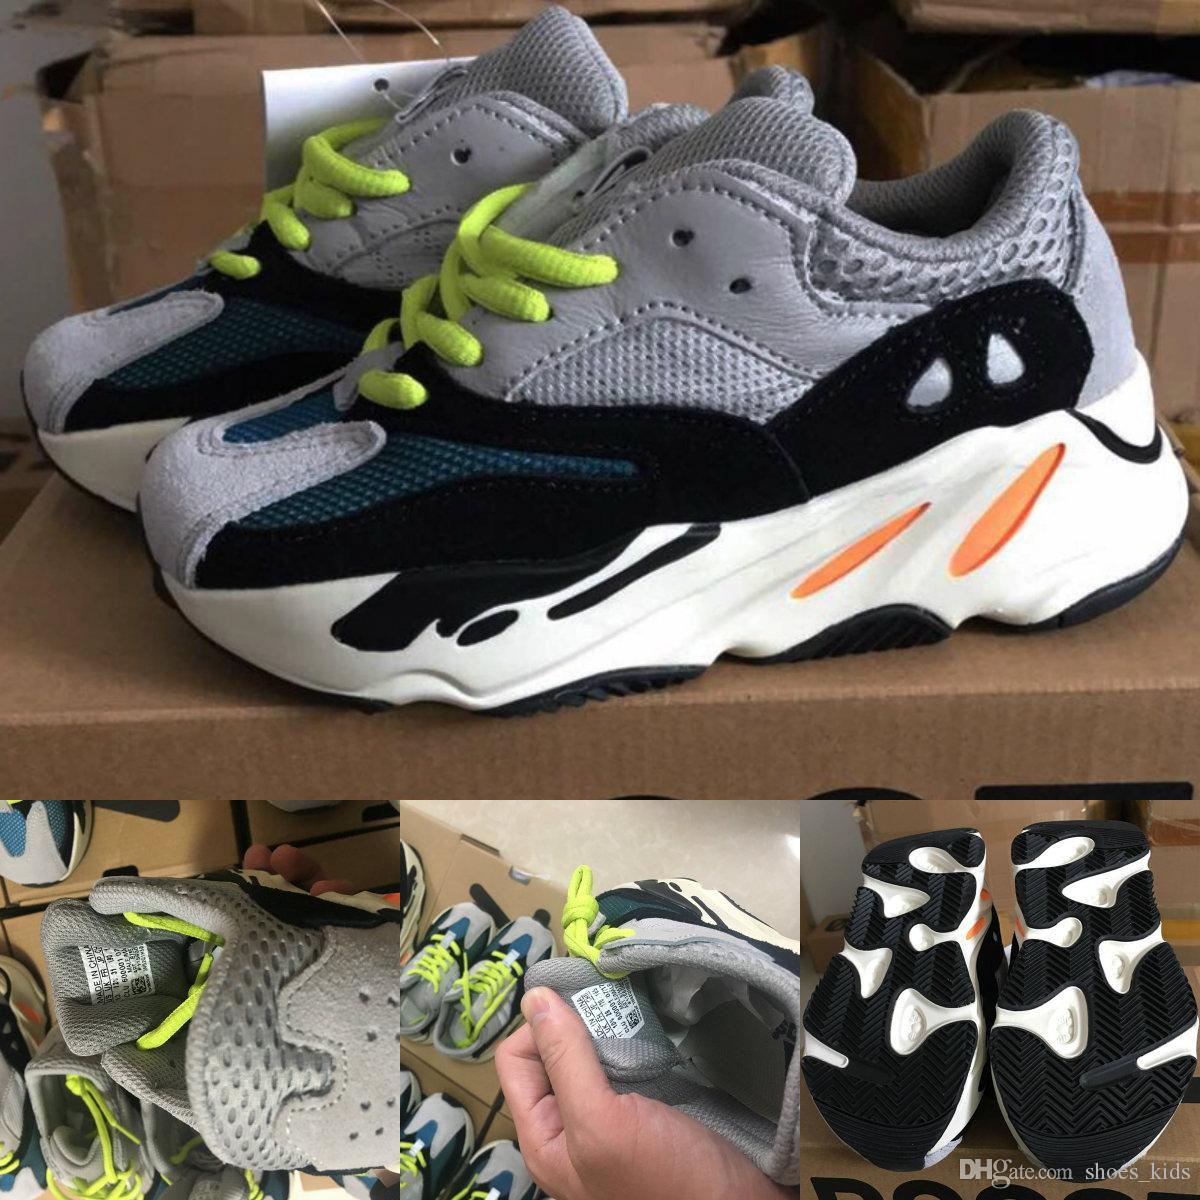 9e74855eecd Compre Crianças Correndo Shoes Kanye West Onda Runner 700 Juventude Sply  700 Tênis Esportivos Tênis De Basquete Das Crianças Casual Criança Sapato  Com Caixa ...